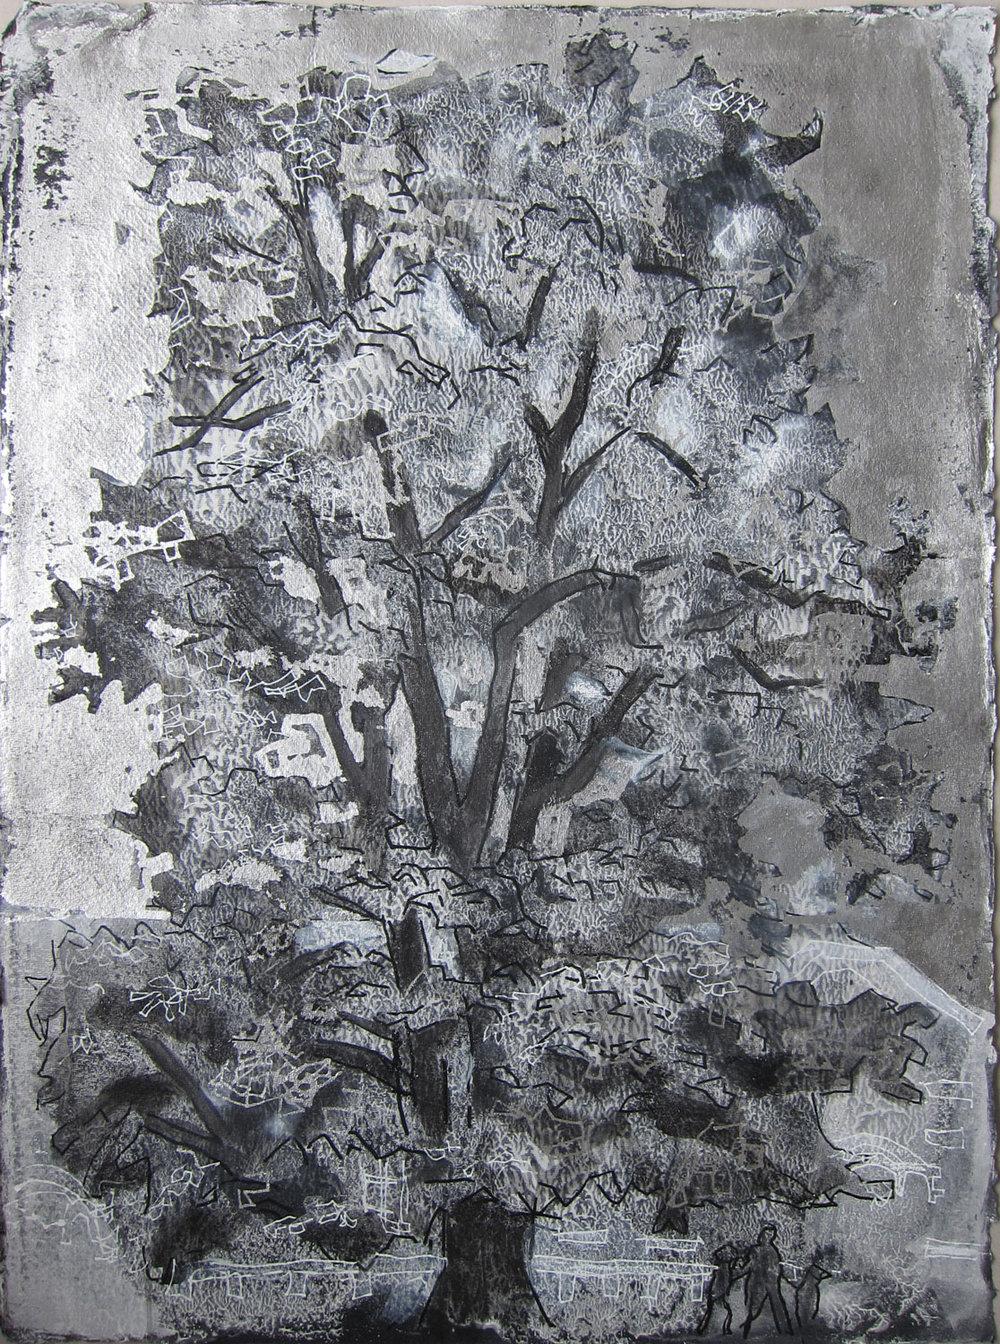 Treportrett. Lind fra NMBU-parken. 70 x 50 cm. Tusj og bladmetall